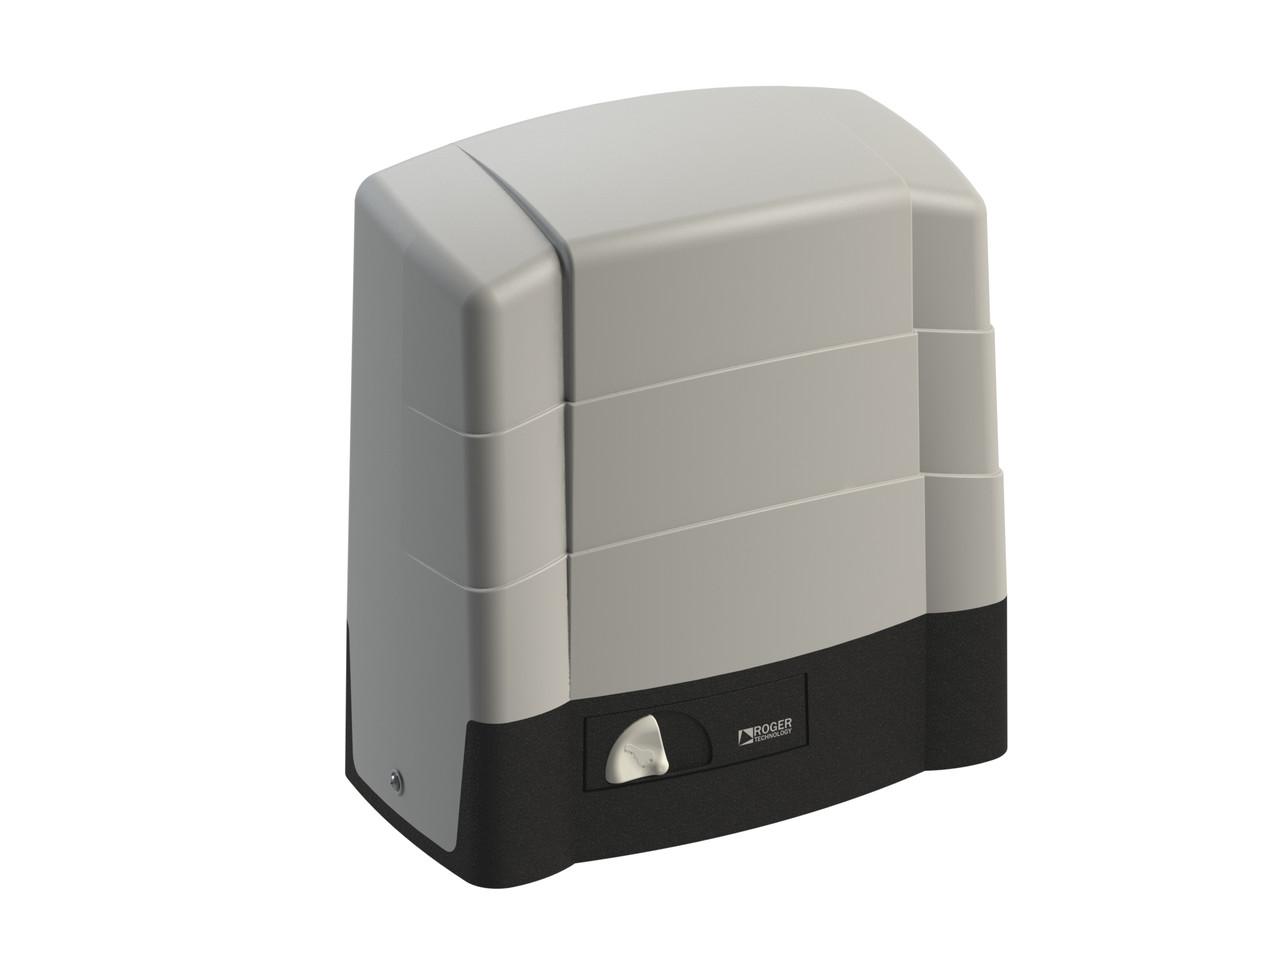 Електромеханічний привід Roger Technology G30/2204 з самогальмуючими редукторами для відкатних воріт вагою до